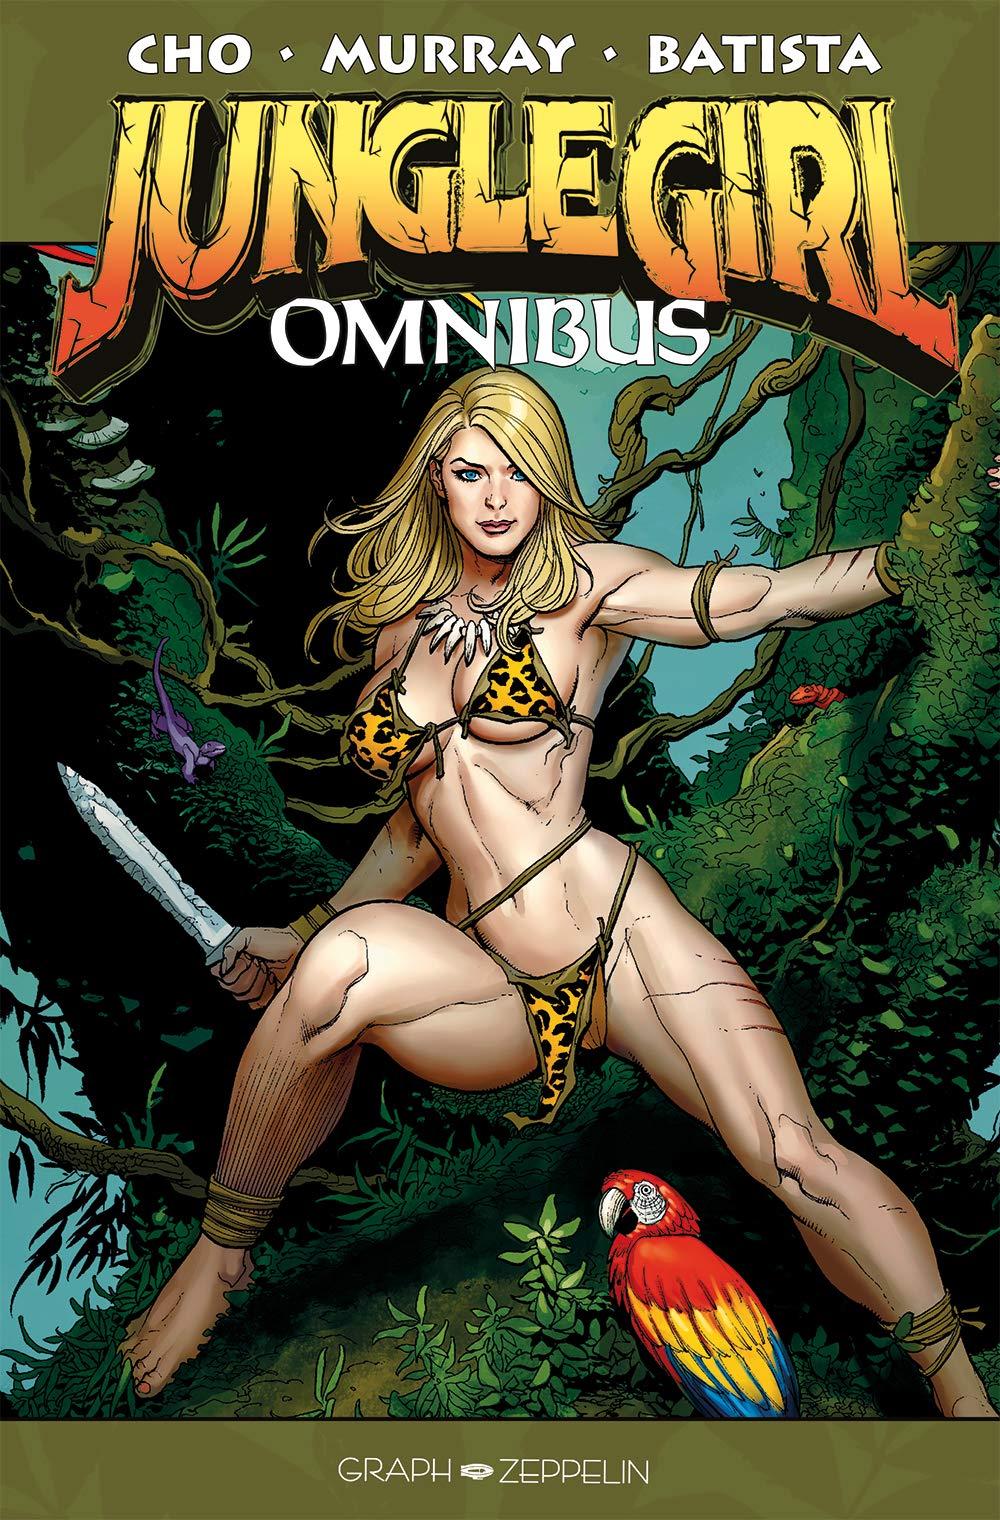 Jungle girl: Amazon.co.uk: CHO, FRANCK: 9791094169469: Books